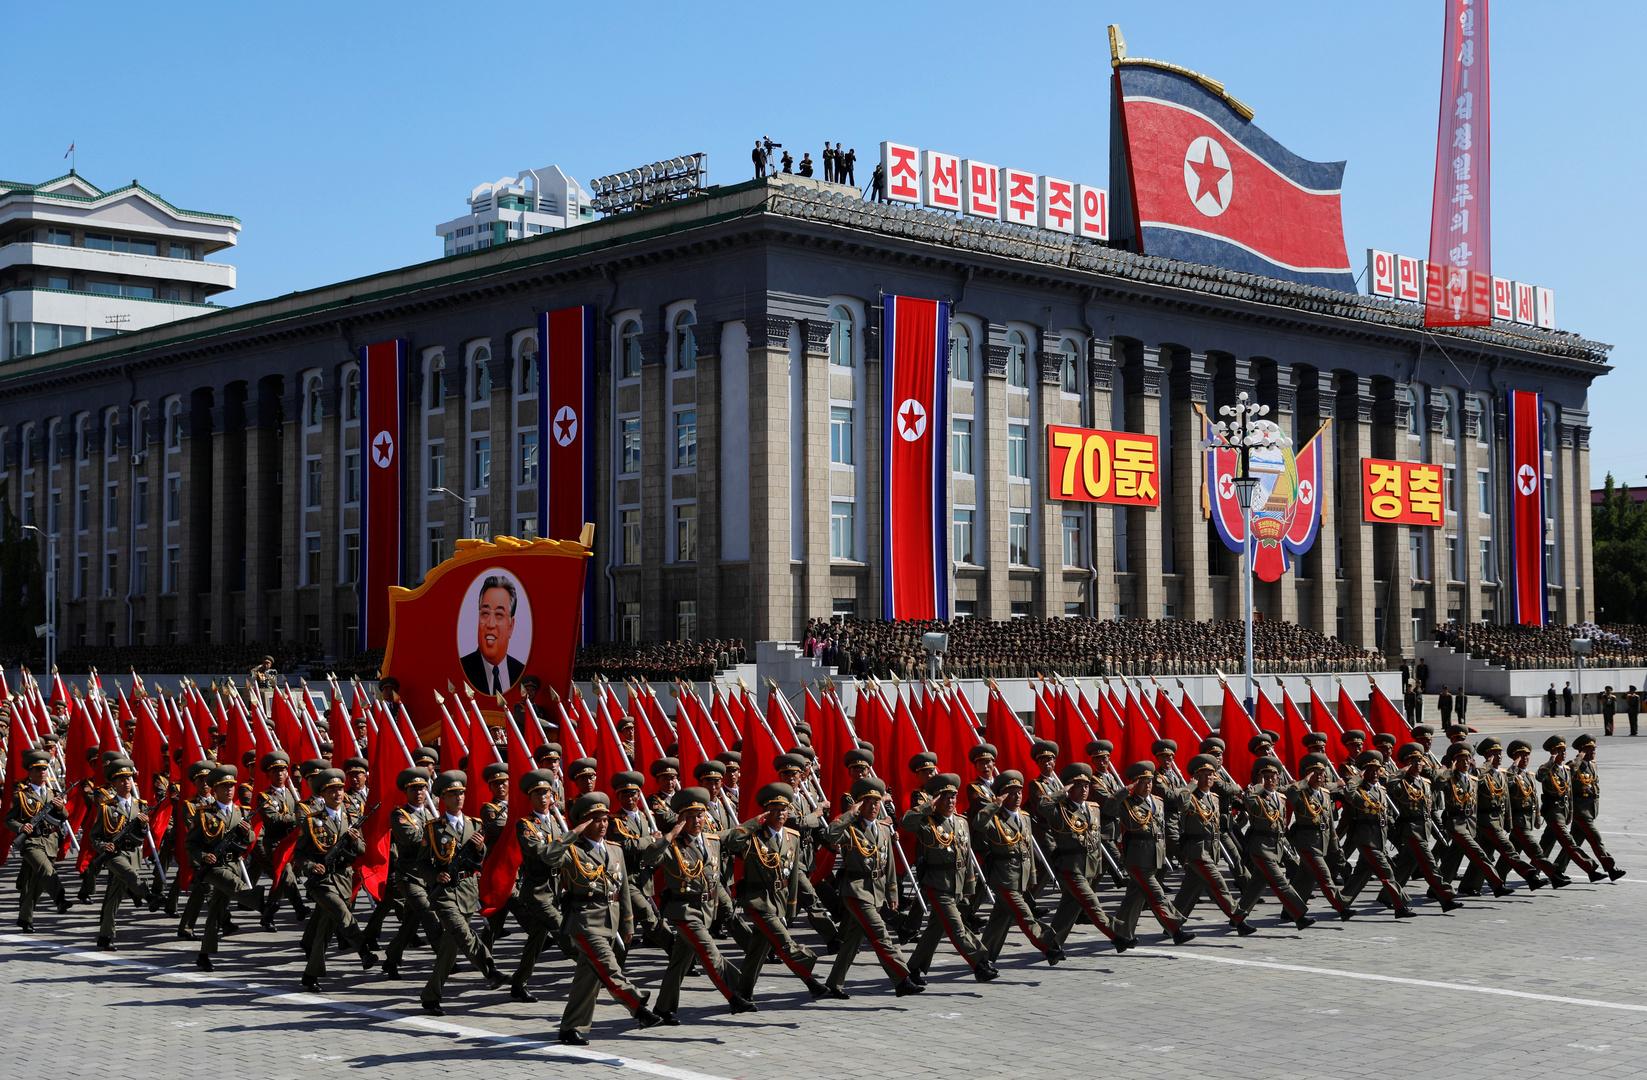 كوريا الشمالية ترد على ترامب: النزاع المسلح الشامل قد يندلع في أي لحظة